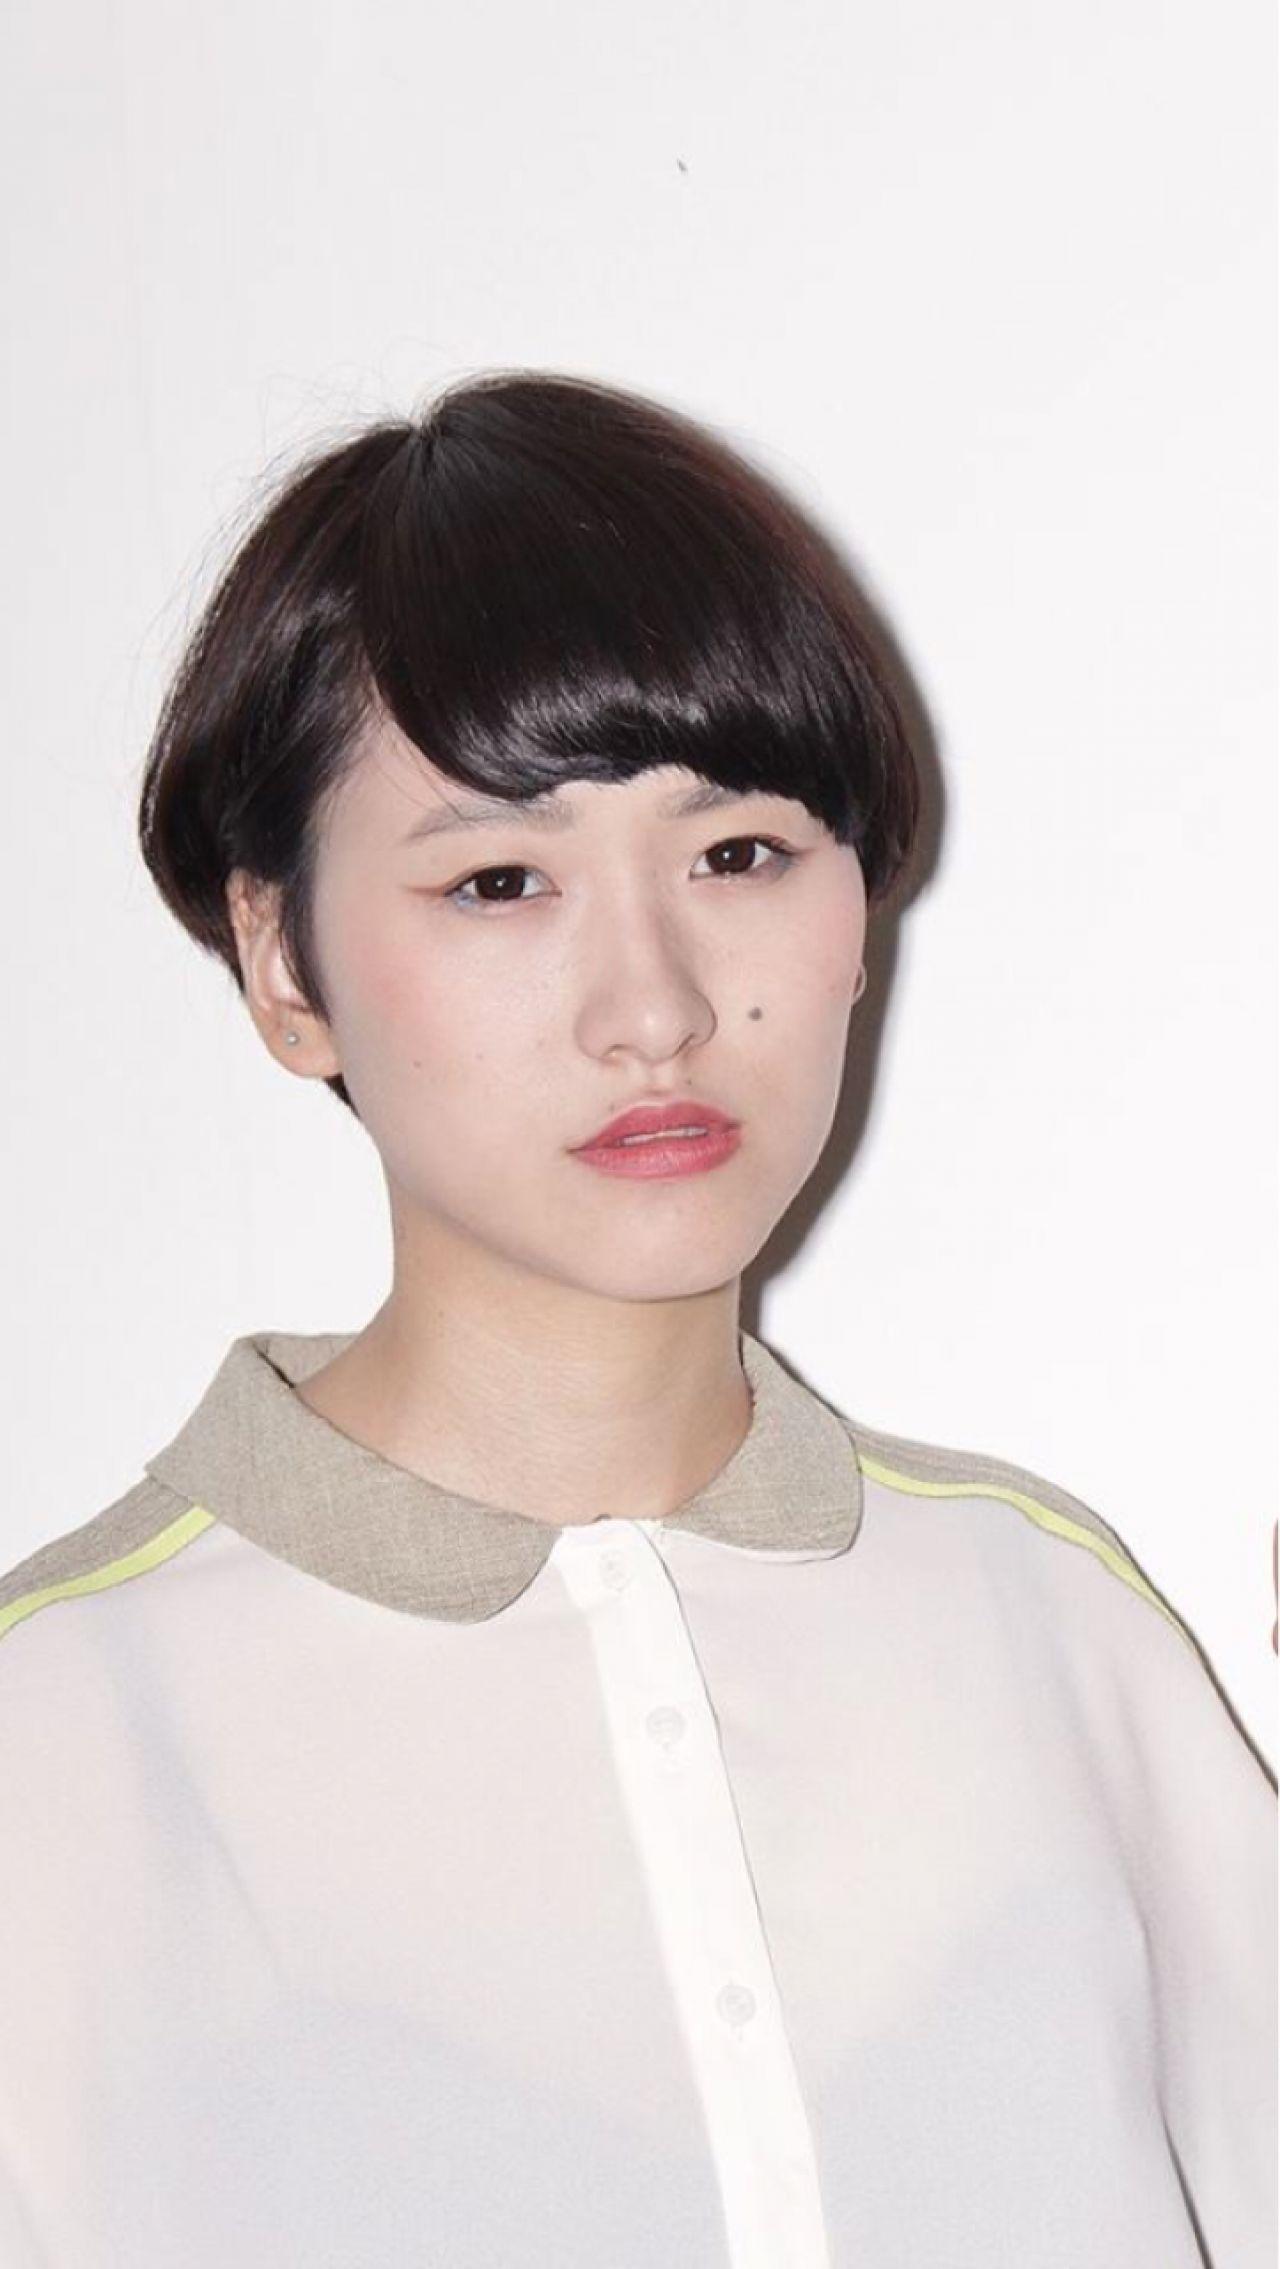 黒髪 モード 卵型 ショート ヘアスタイルや髪型の写真・画像